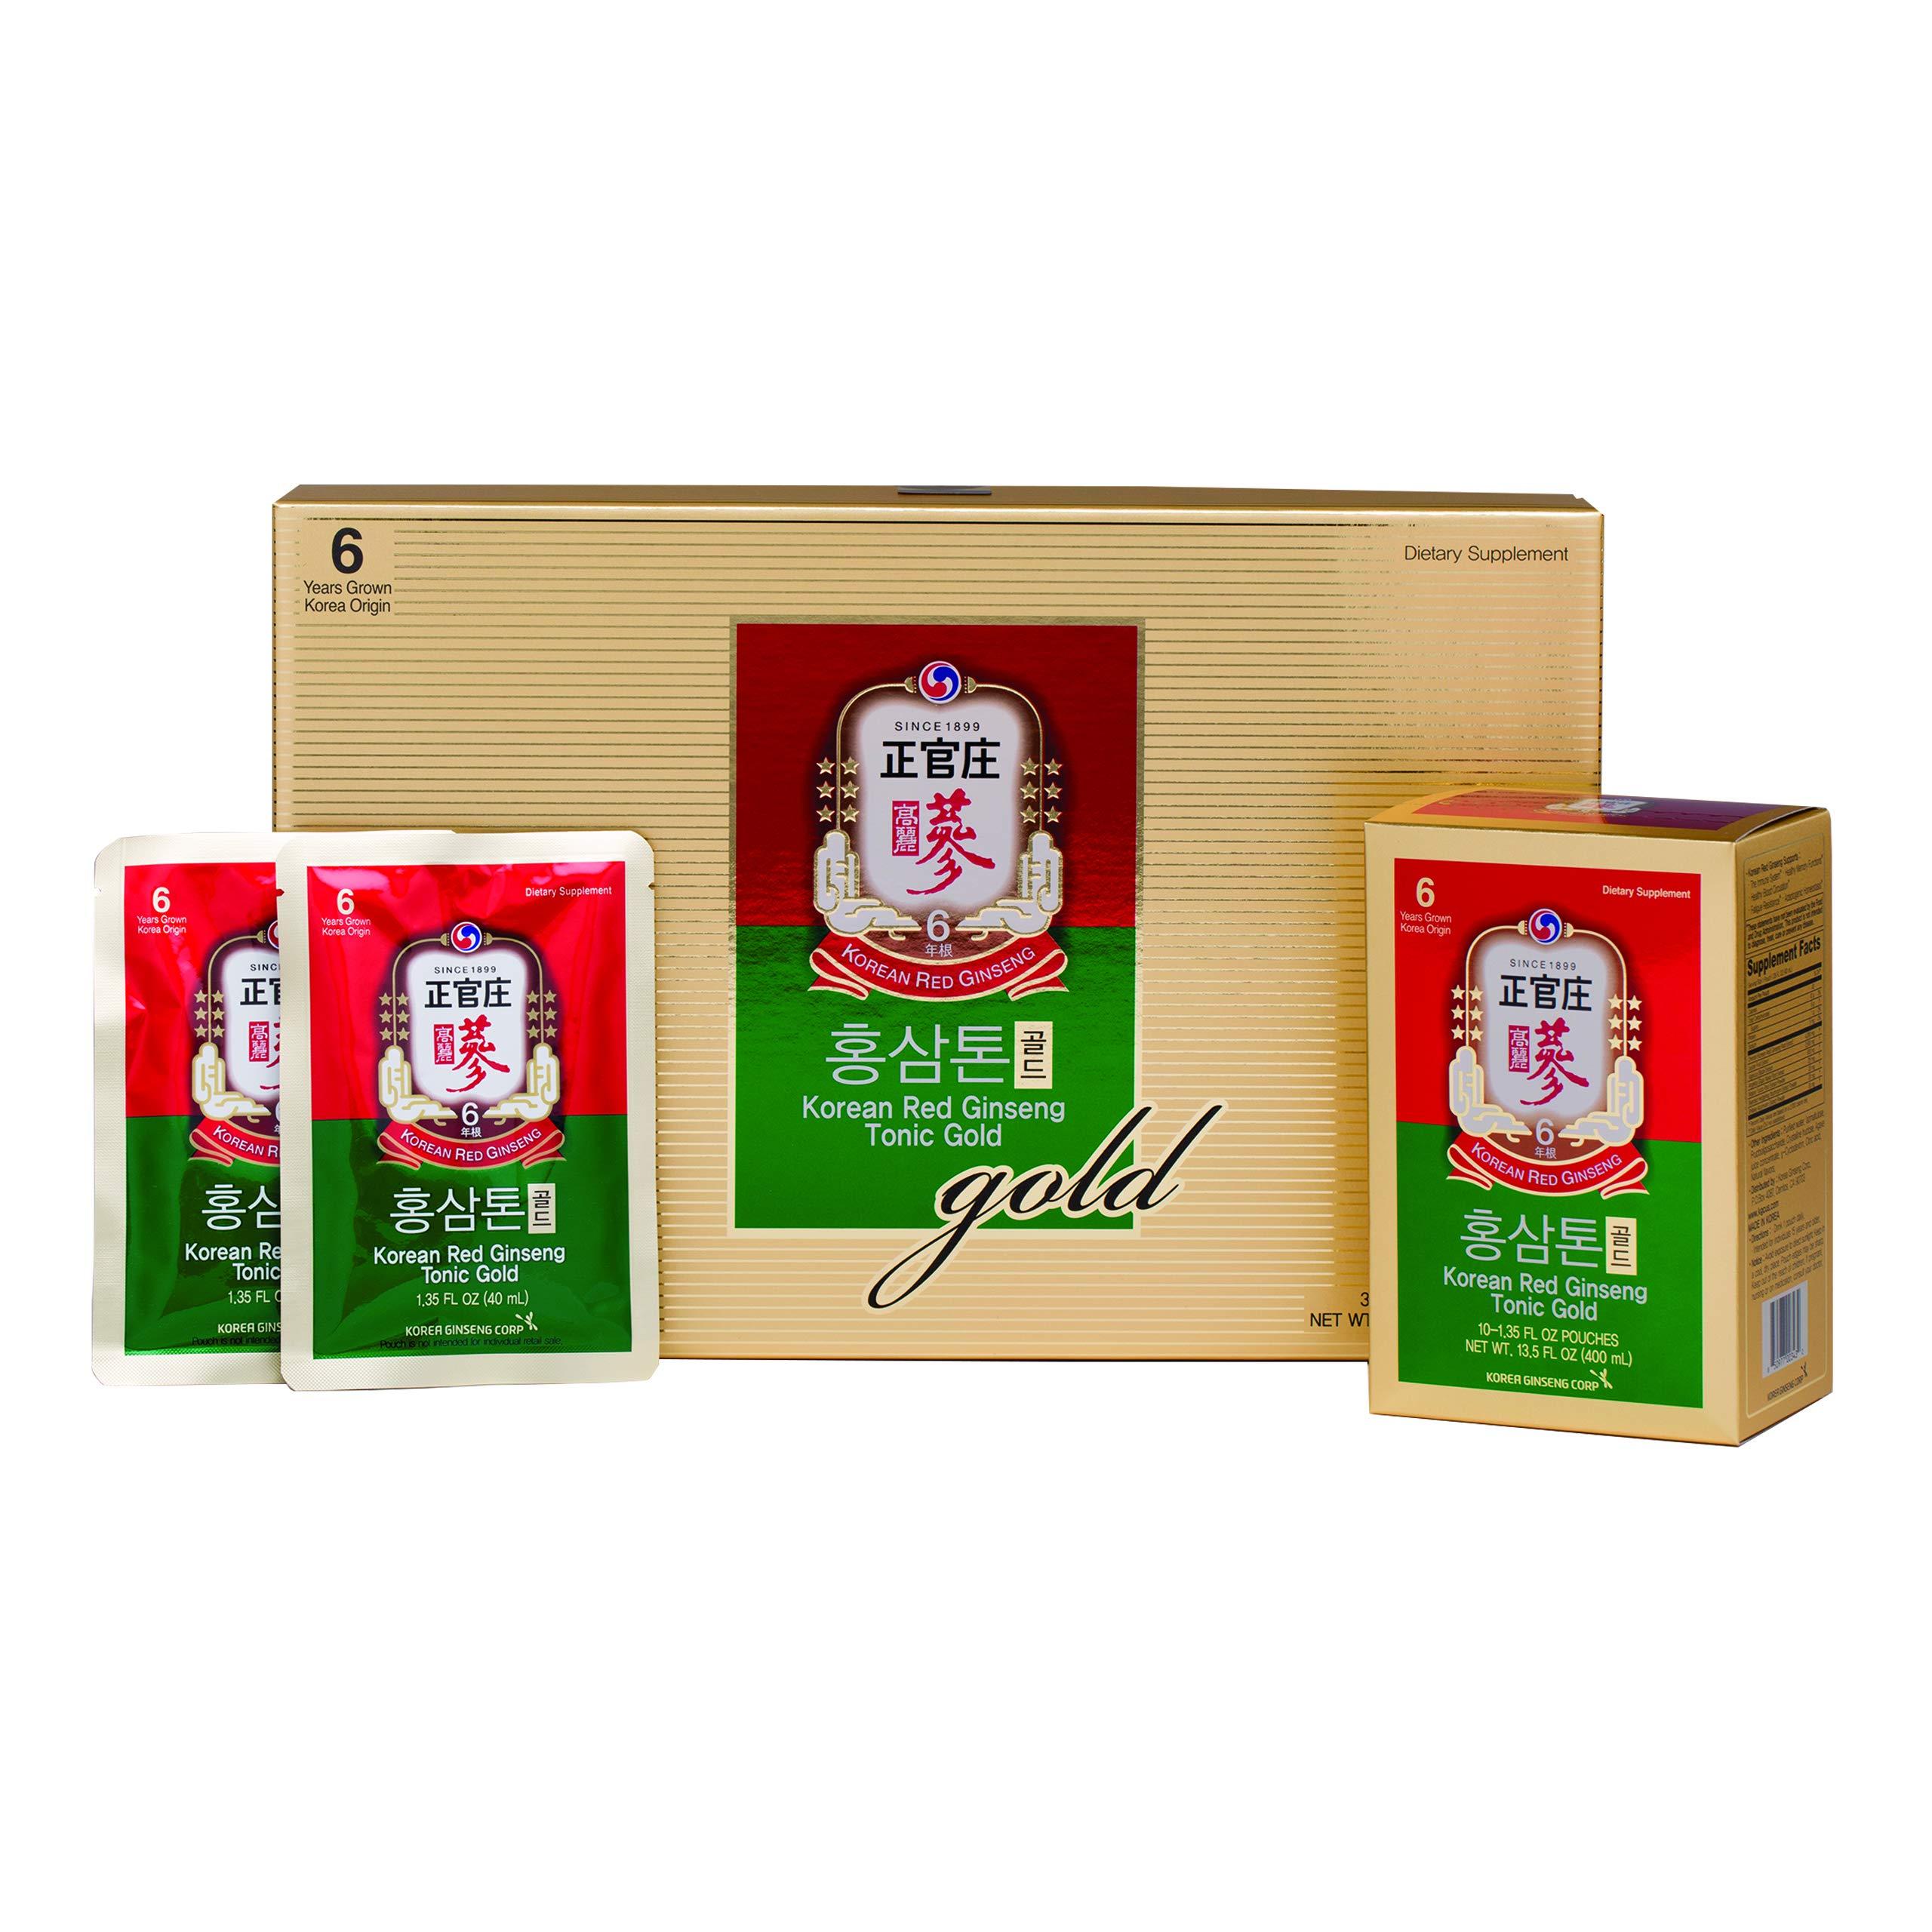 KGC Ginseng Gold Tonic, 30 Count